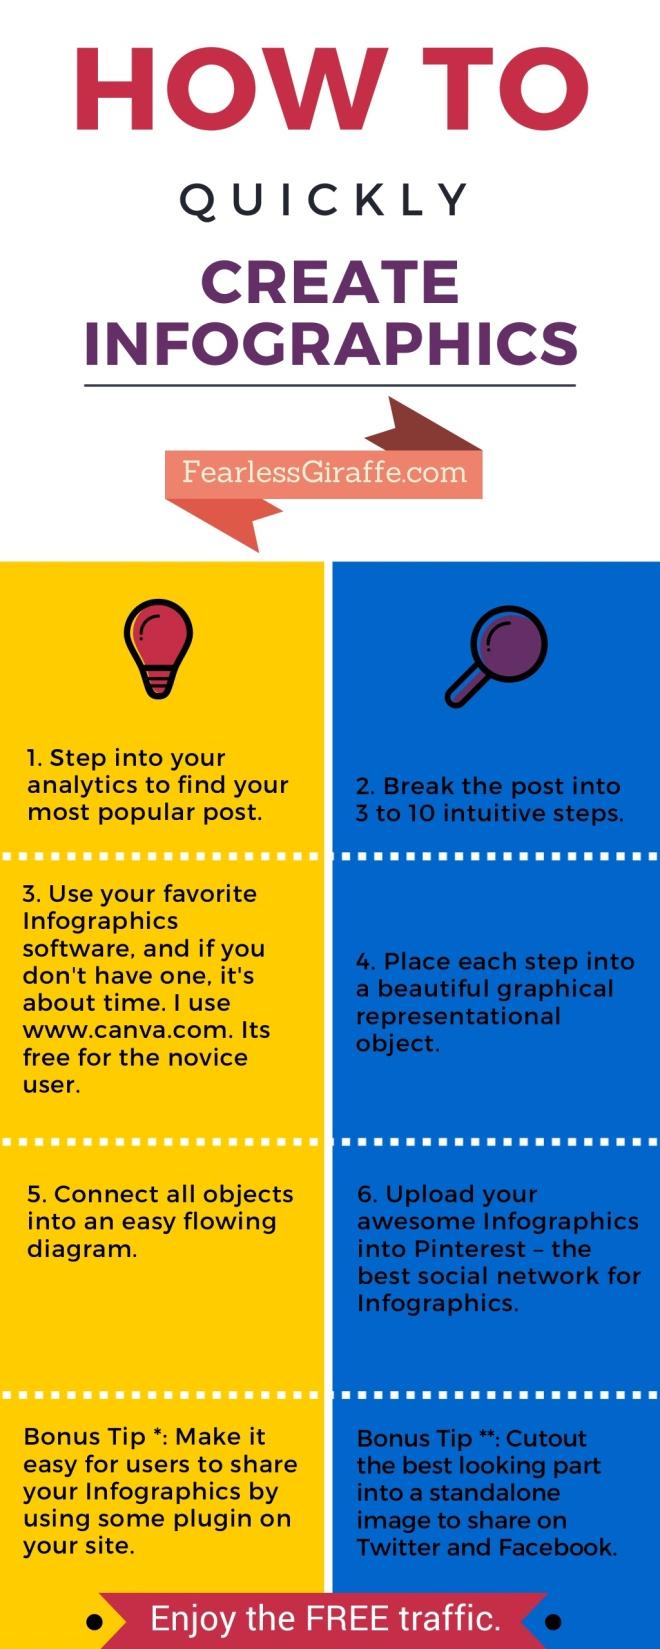 Cómo crear infografías rápidamente